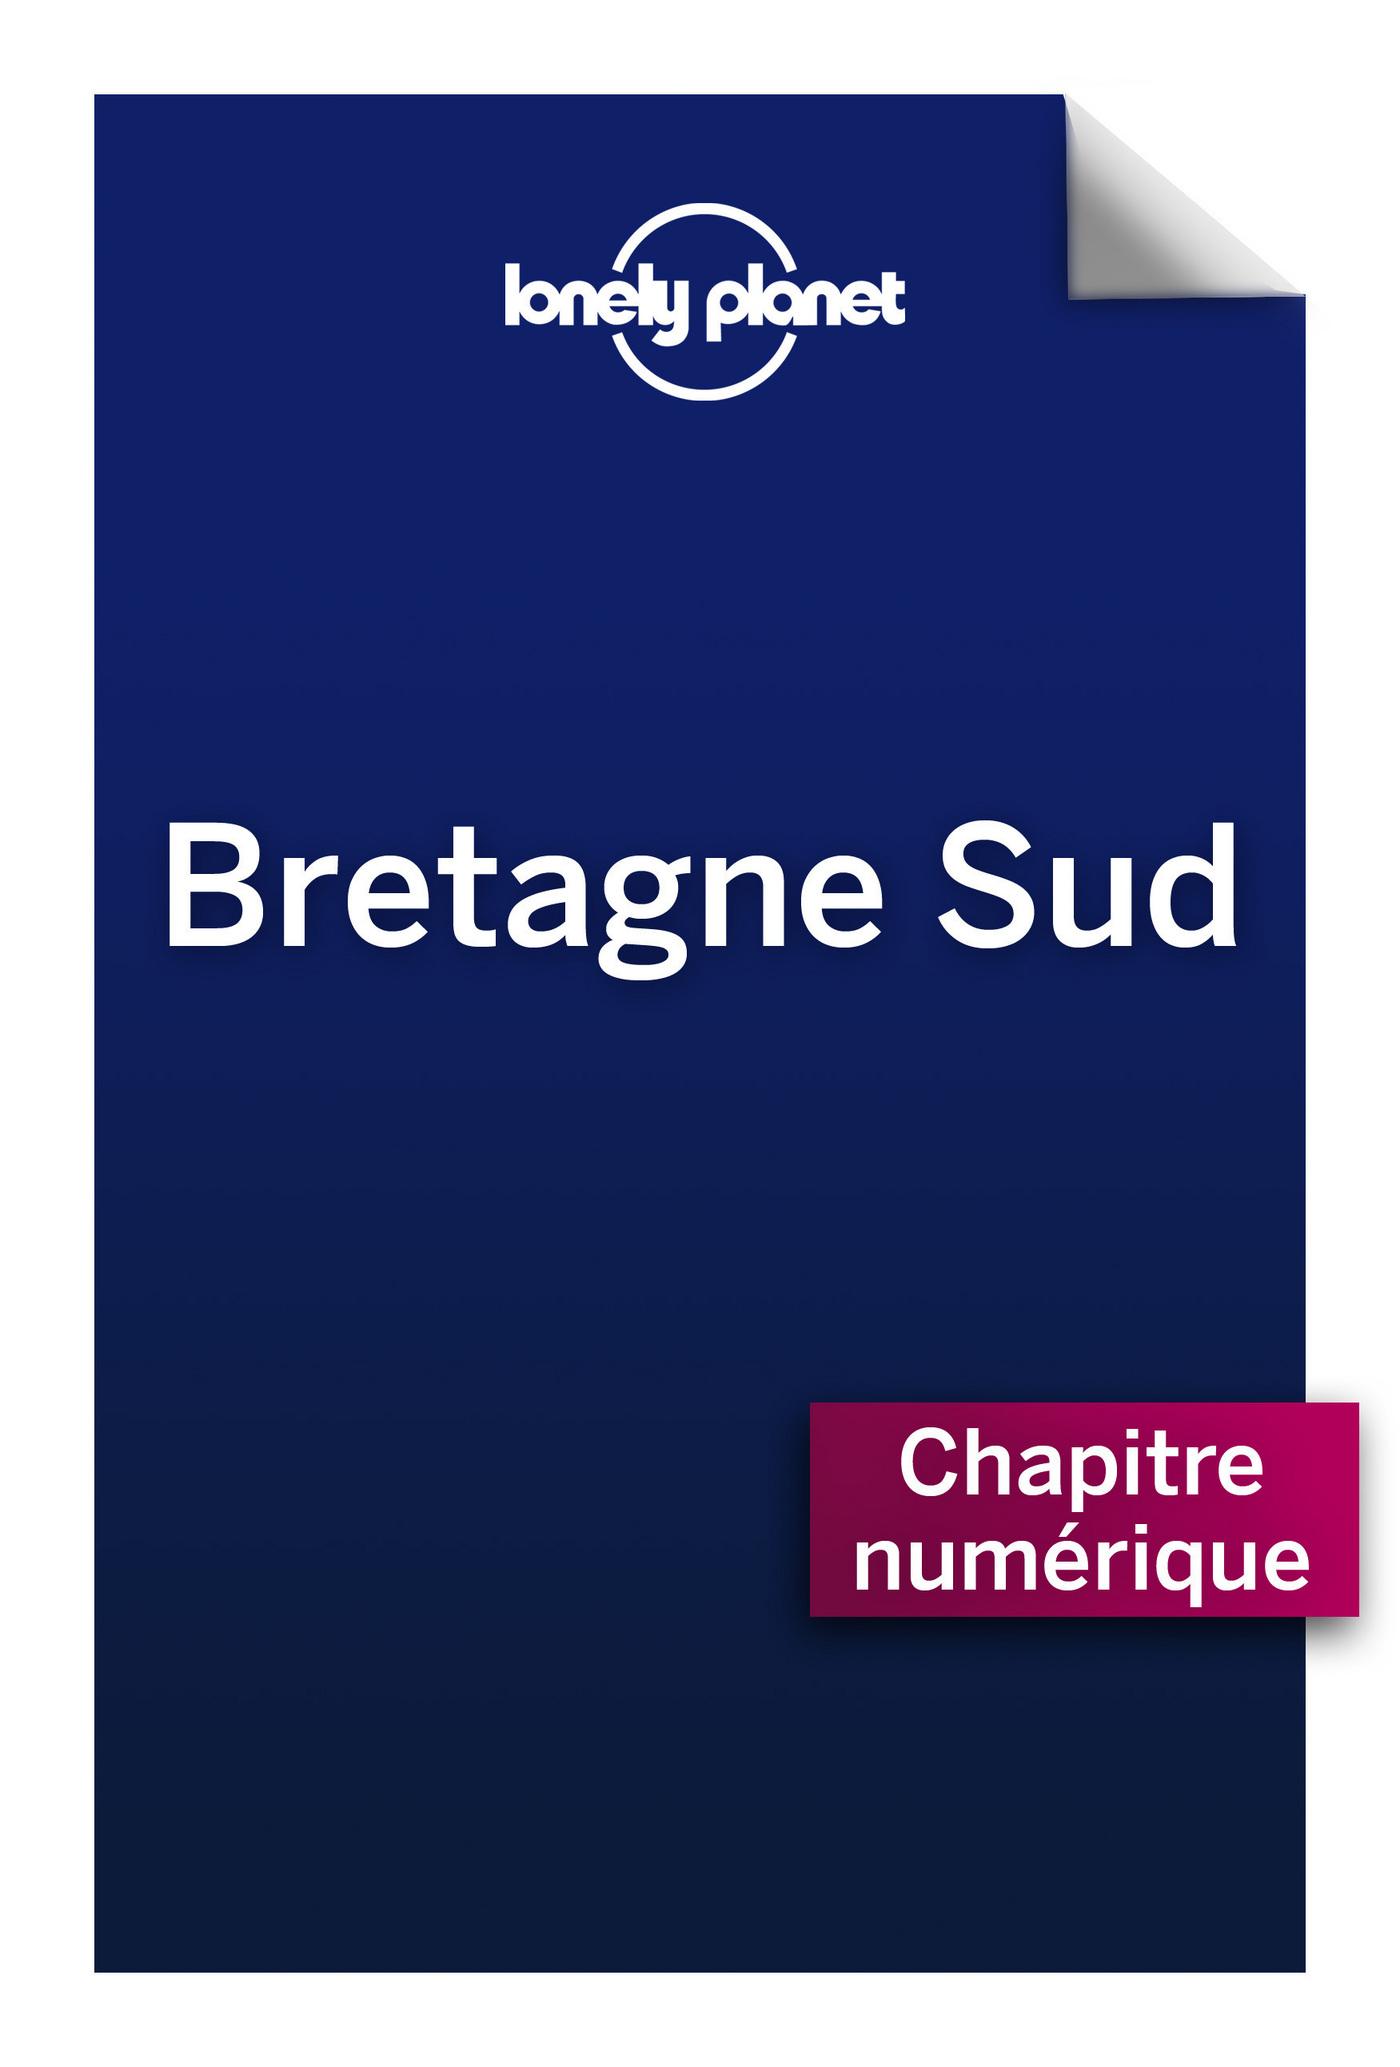 Bretagne Sud 2 - Préparer son voyage